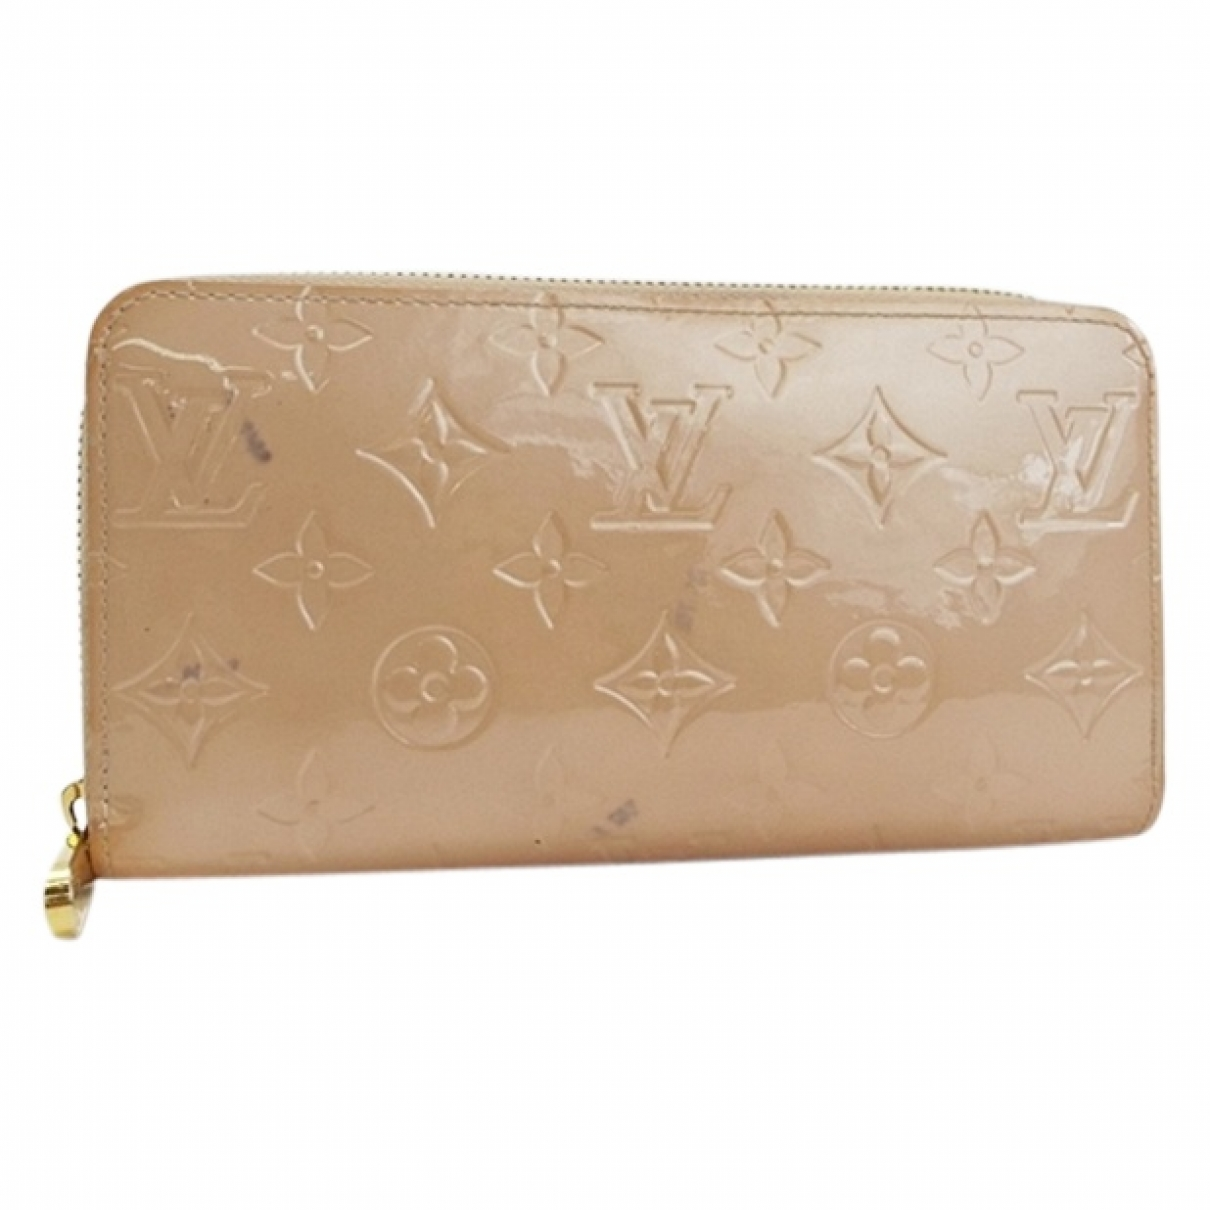 Louis Vuitton Zippy Portemonnaie in  Beige Lackleder